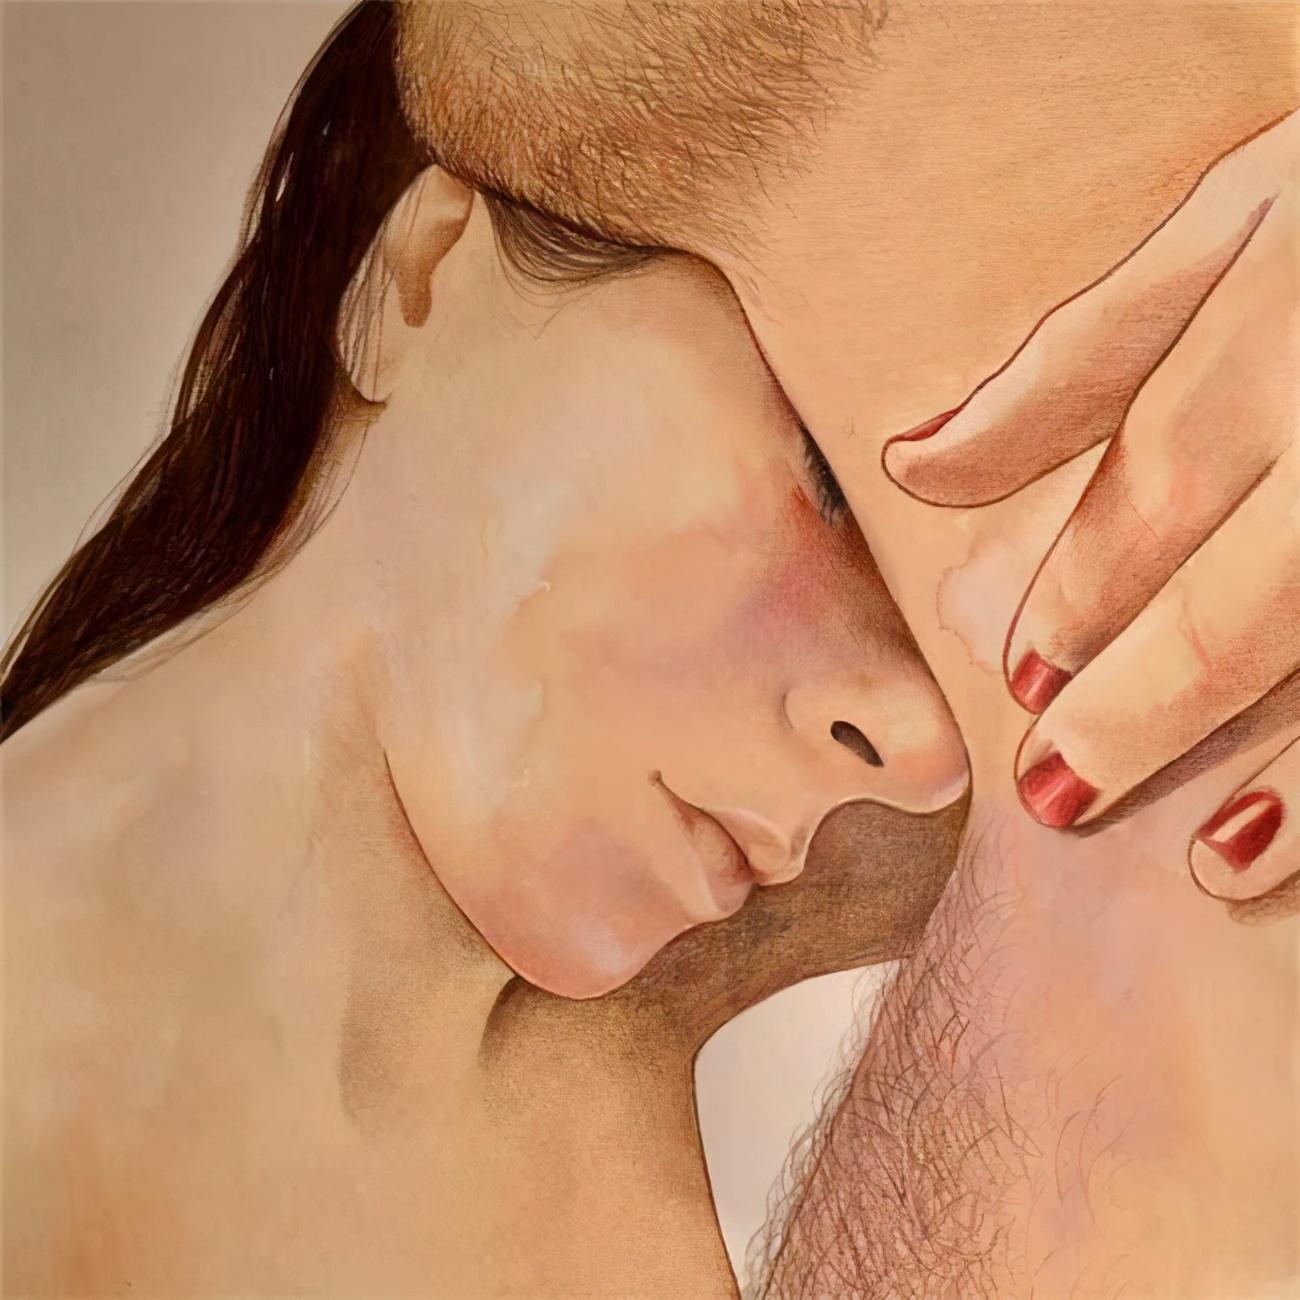 在性生活中,女人最讨厌男人做的6件事!男性朋友千万要注意